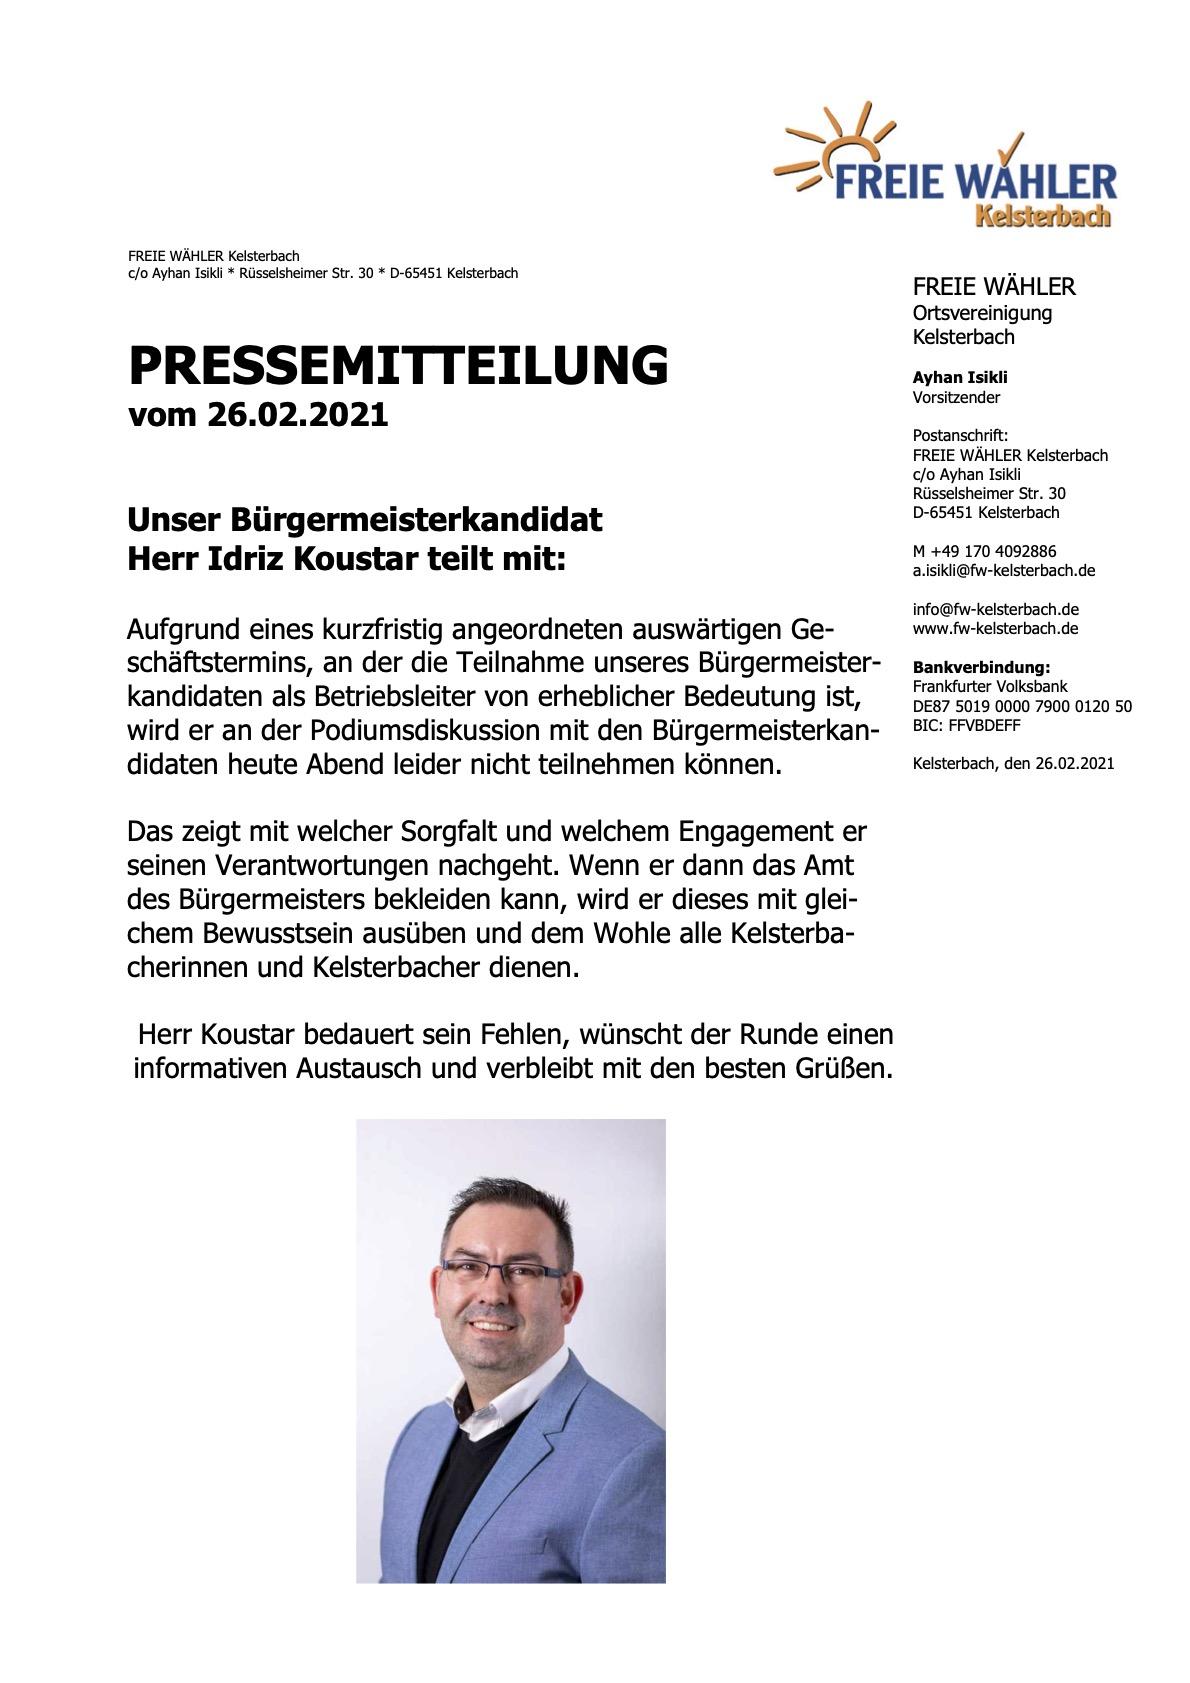 Presseerklärung